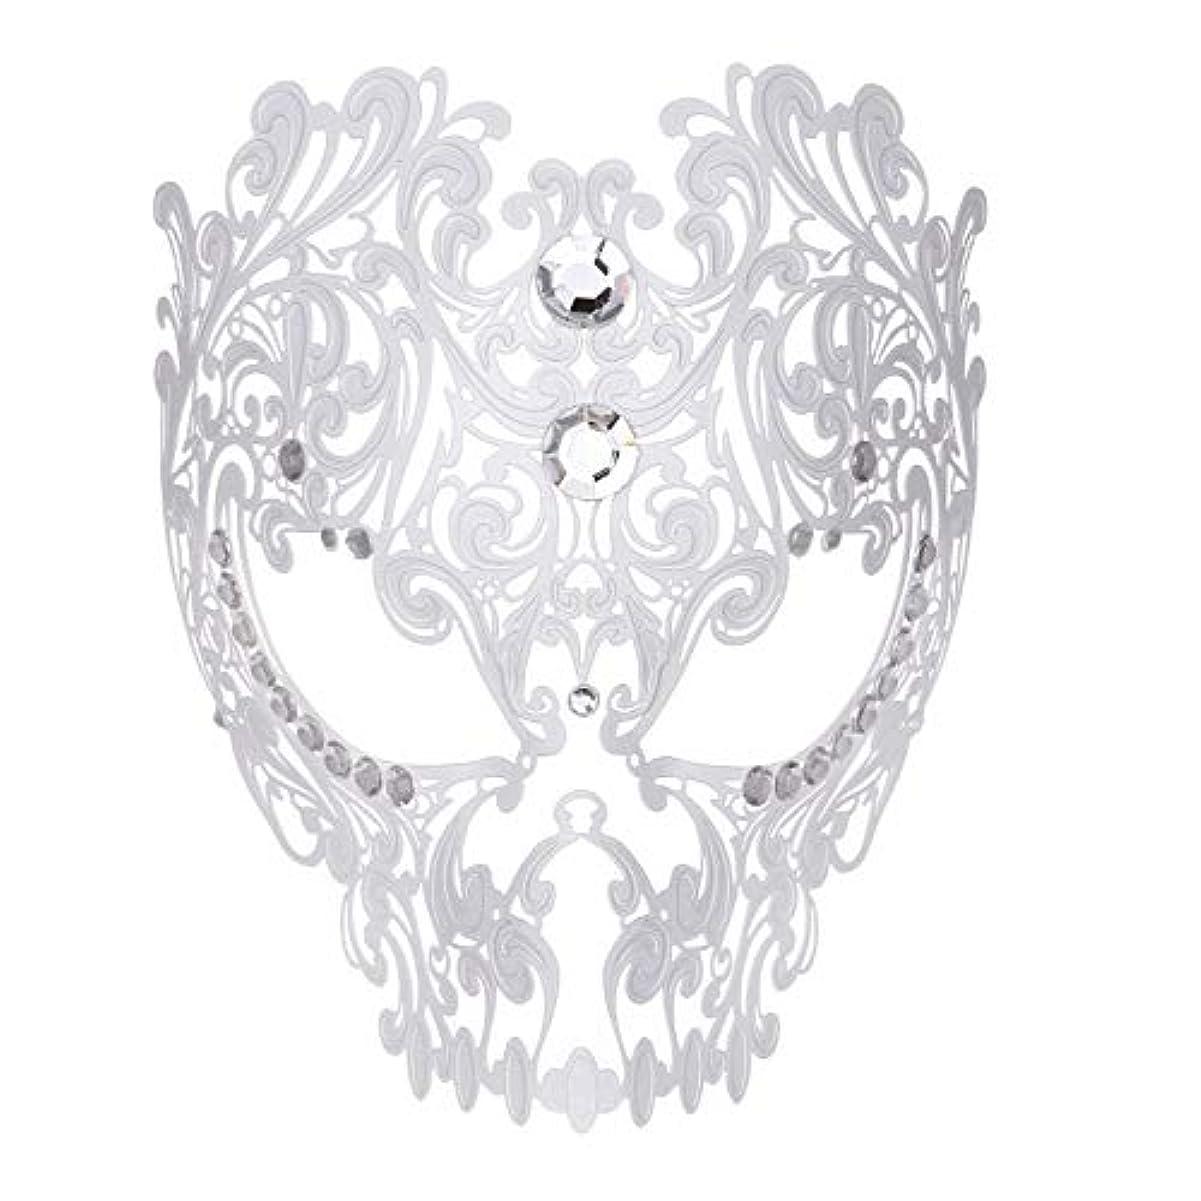 まもなくシーズン衝突コースダンスマスク フルフェイスエナメル金属象眼細工中空マスクナイトクラブパーティーロールプレイングマスカレードマスク ホリデーパーティー用品 (色 : 白, サイズ : Universal)